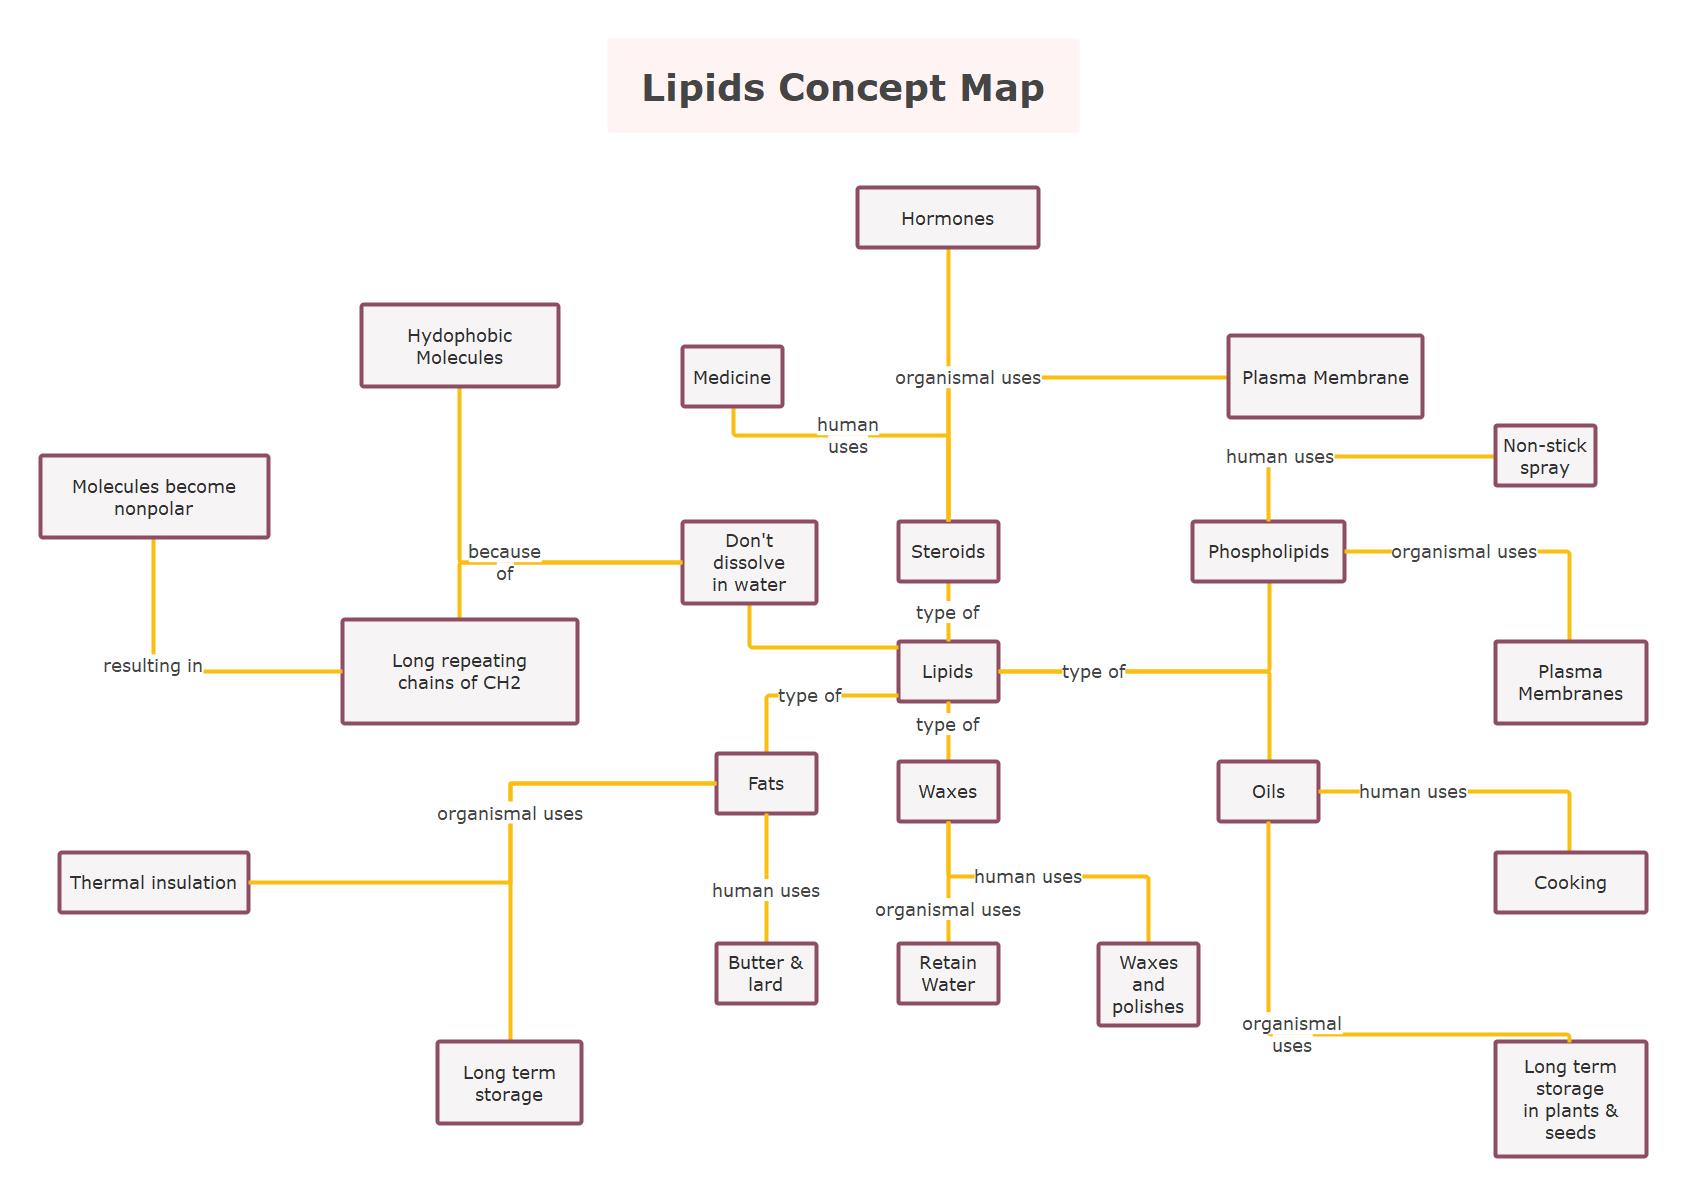 Lipids Concept Map Template